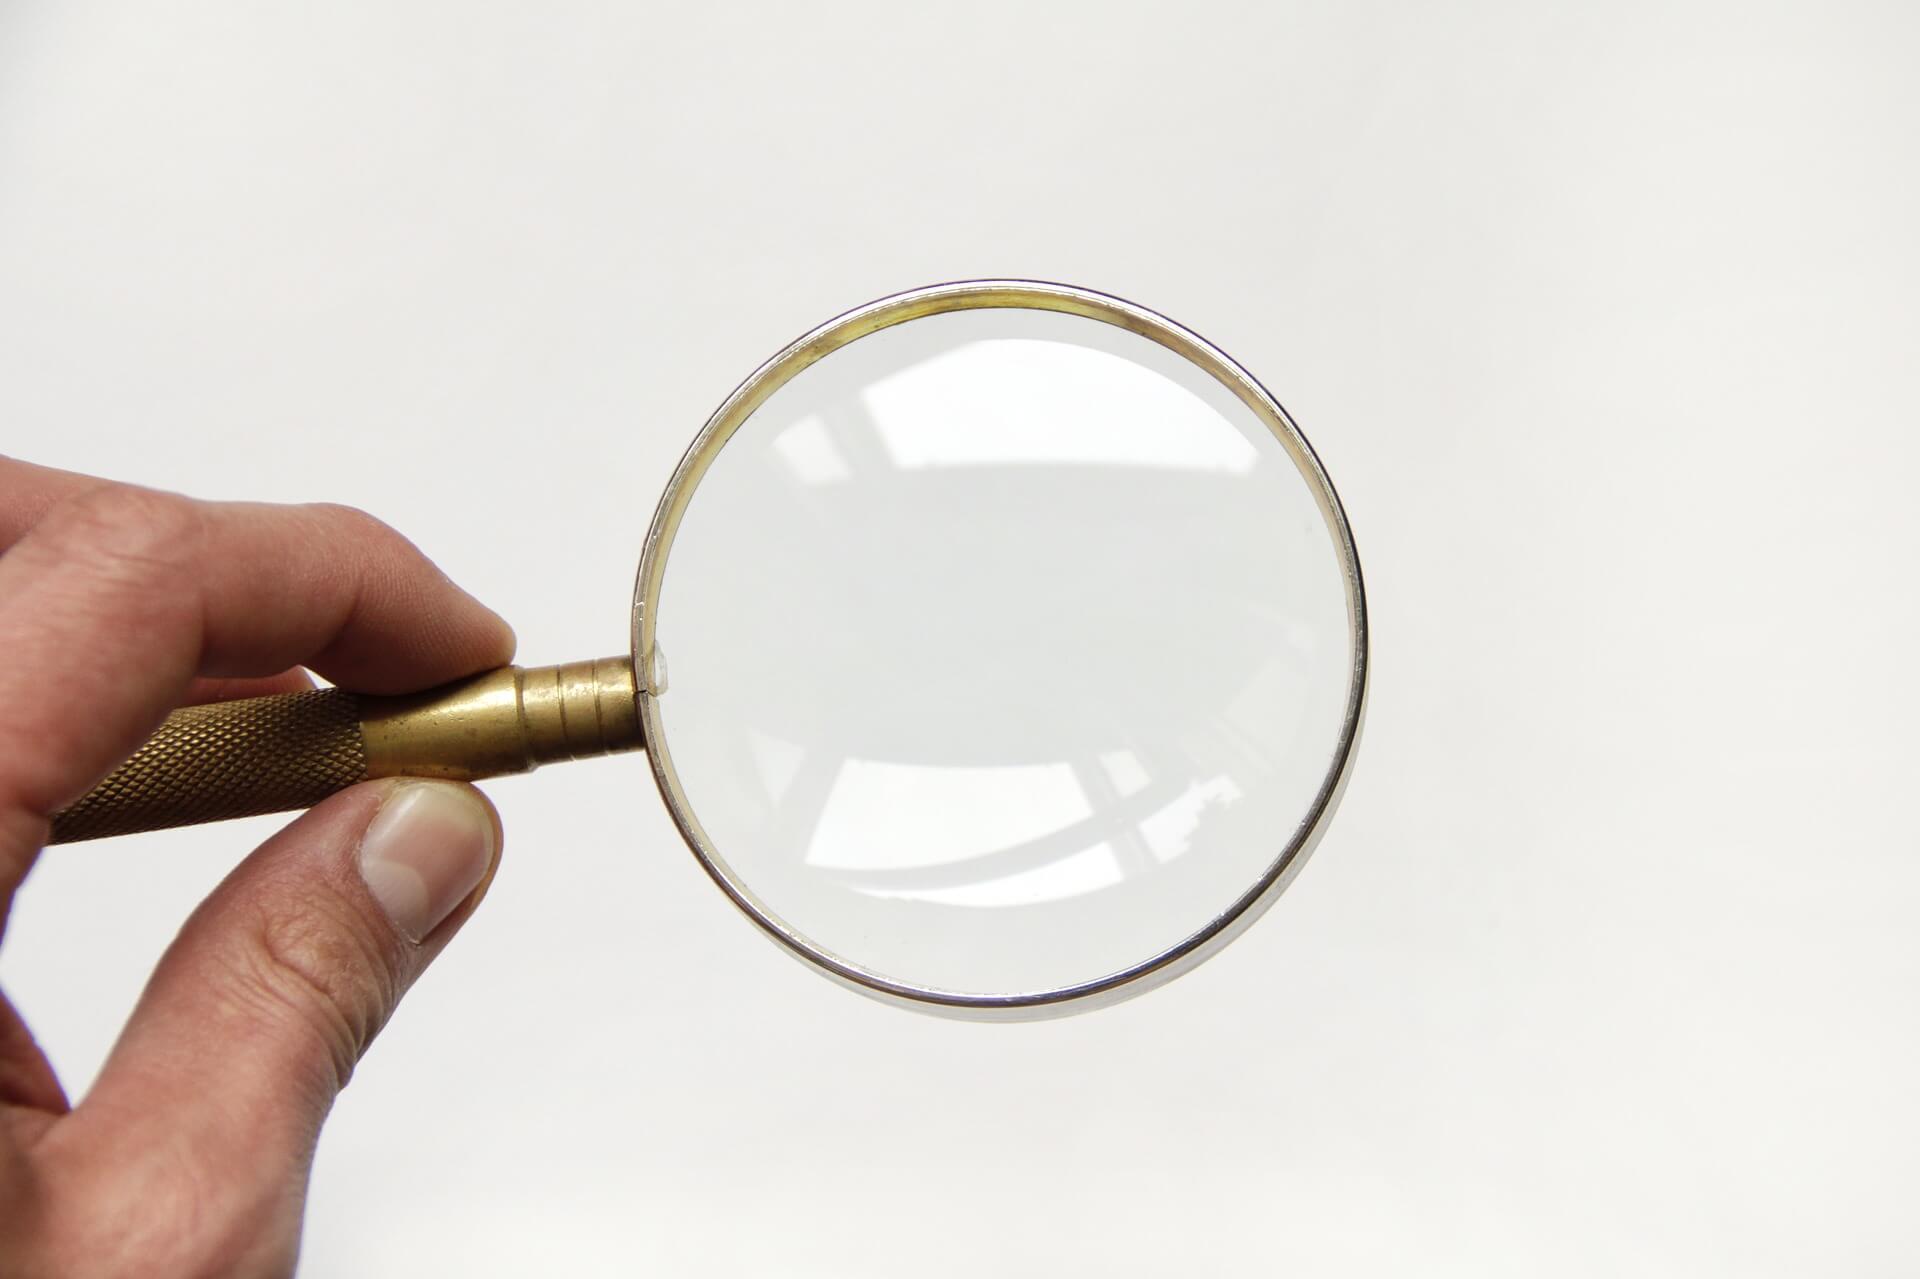 問題を明らかにするのが「見える化」の本質